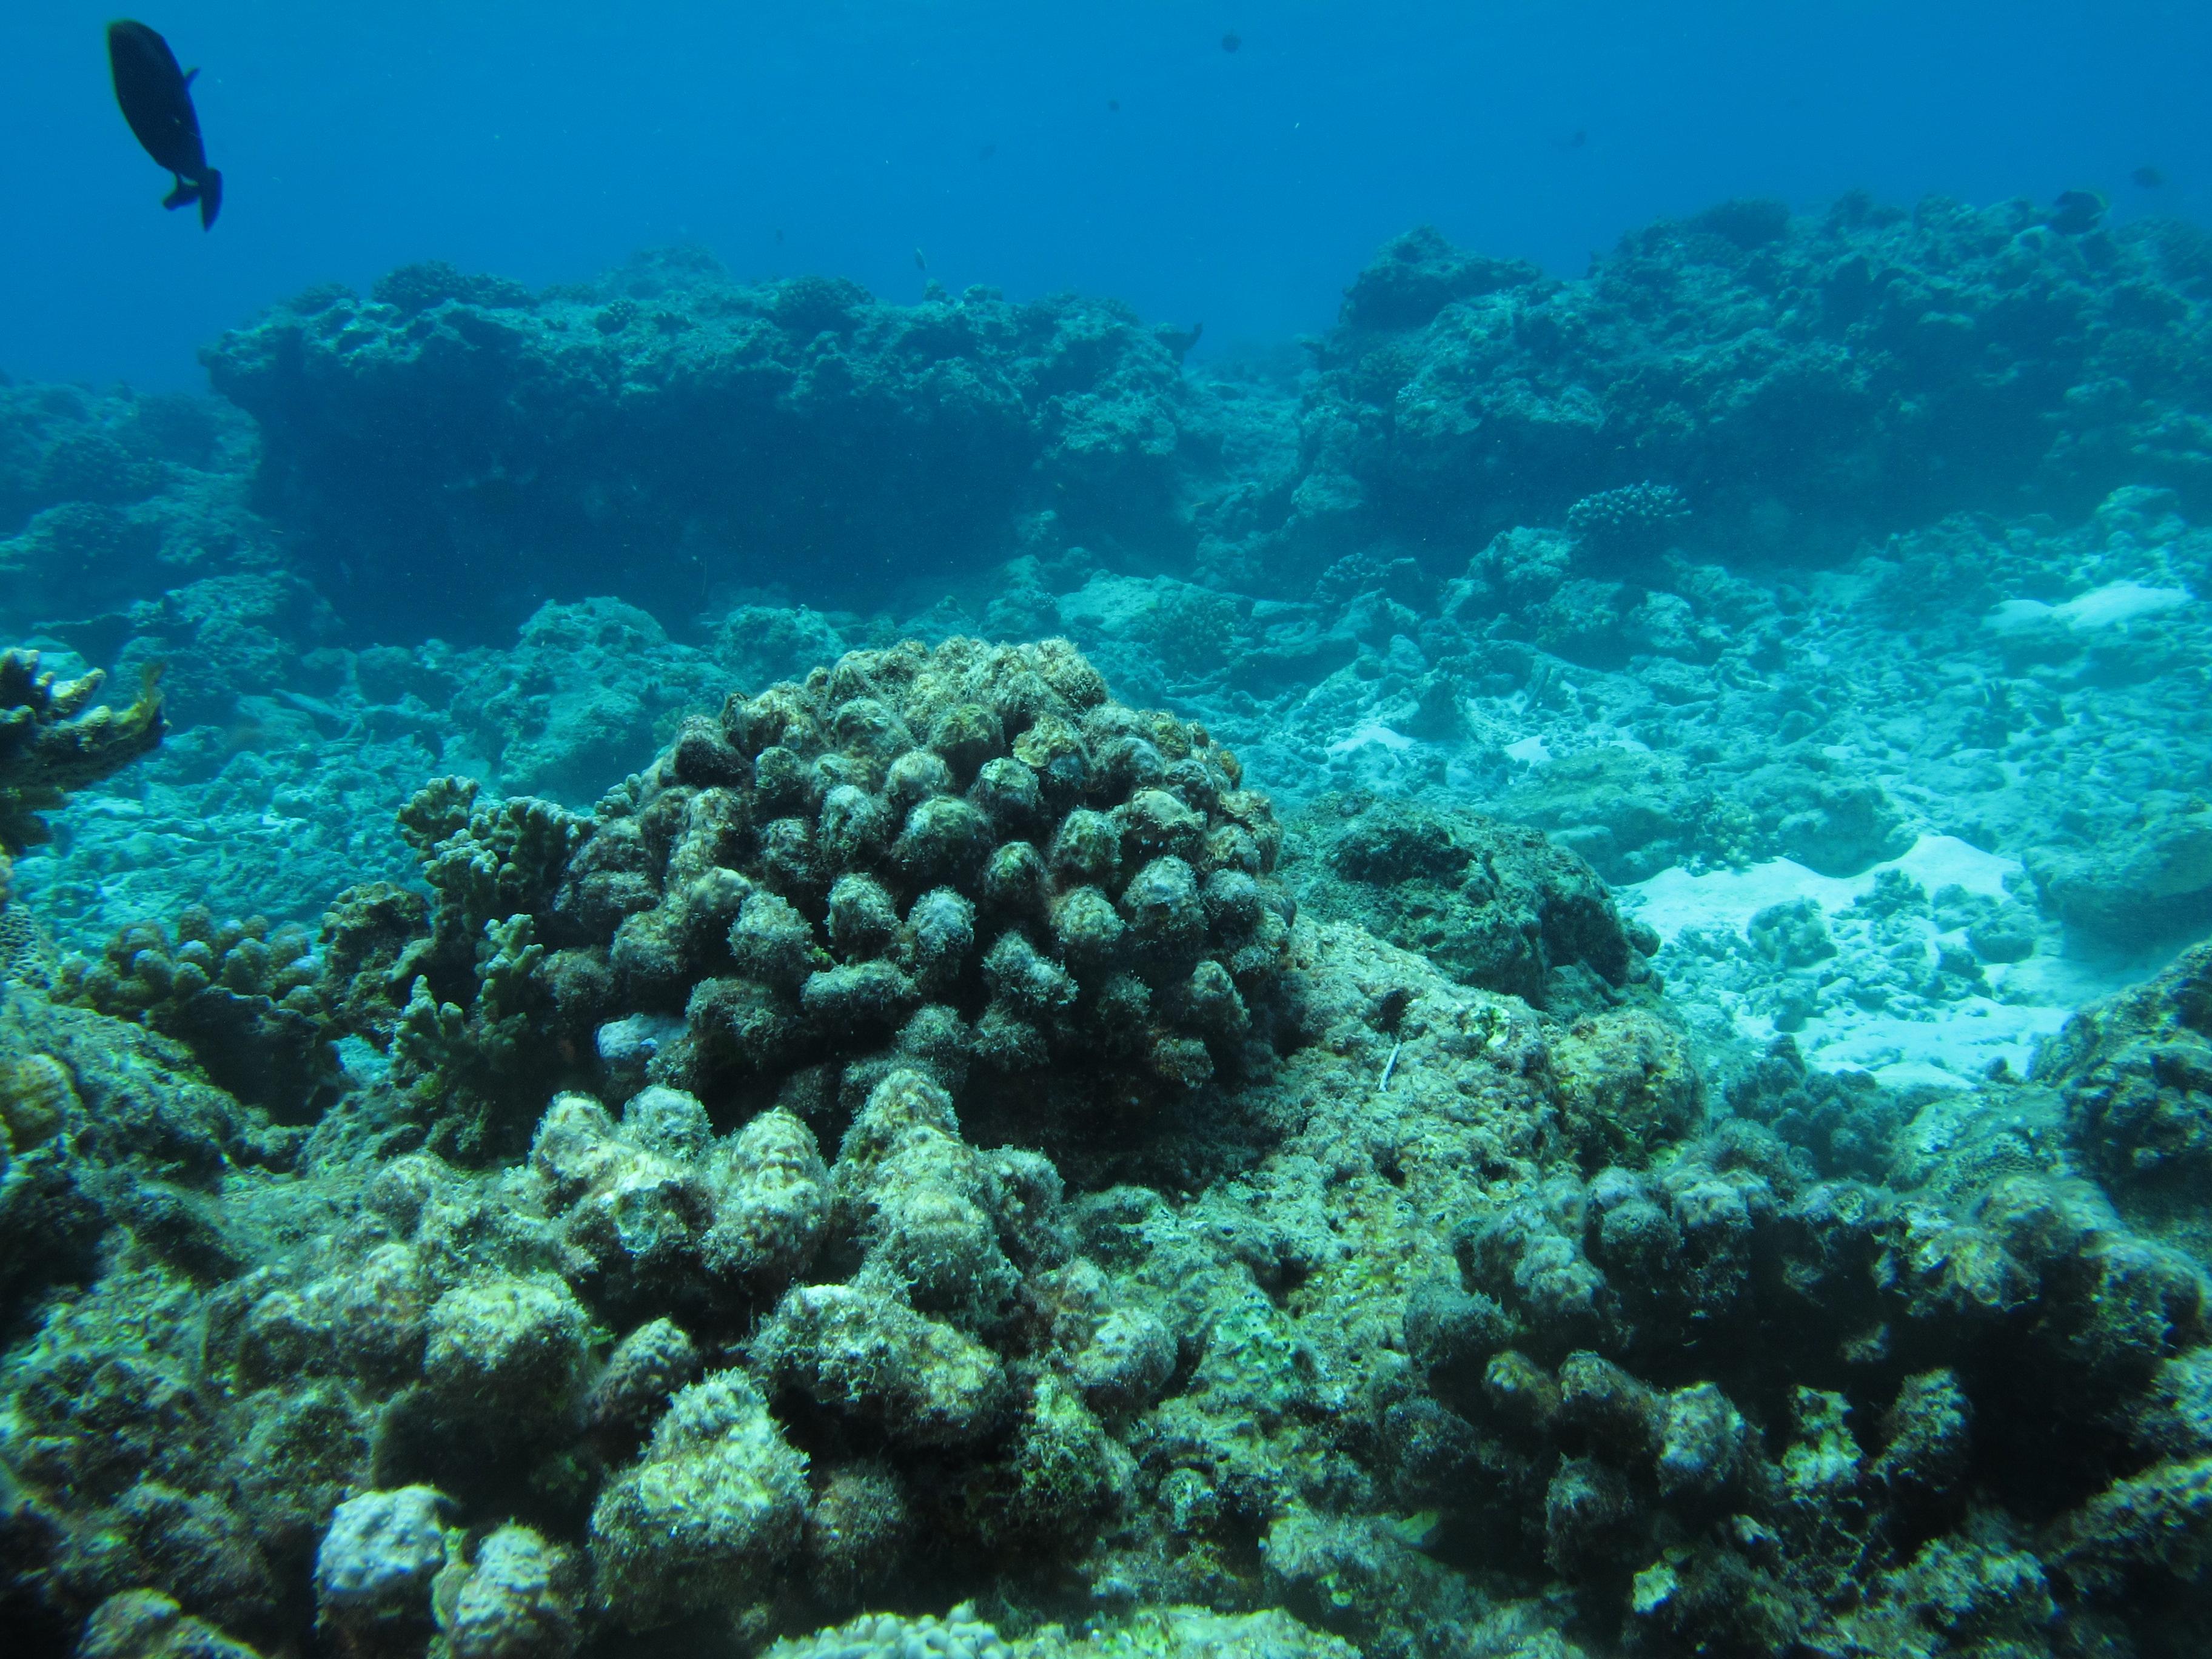 Underwater oyster reef - photo#5